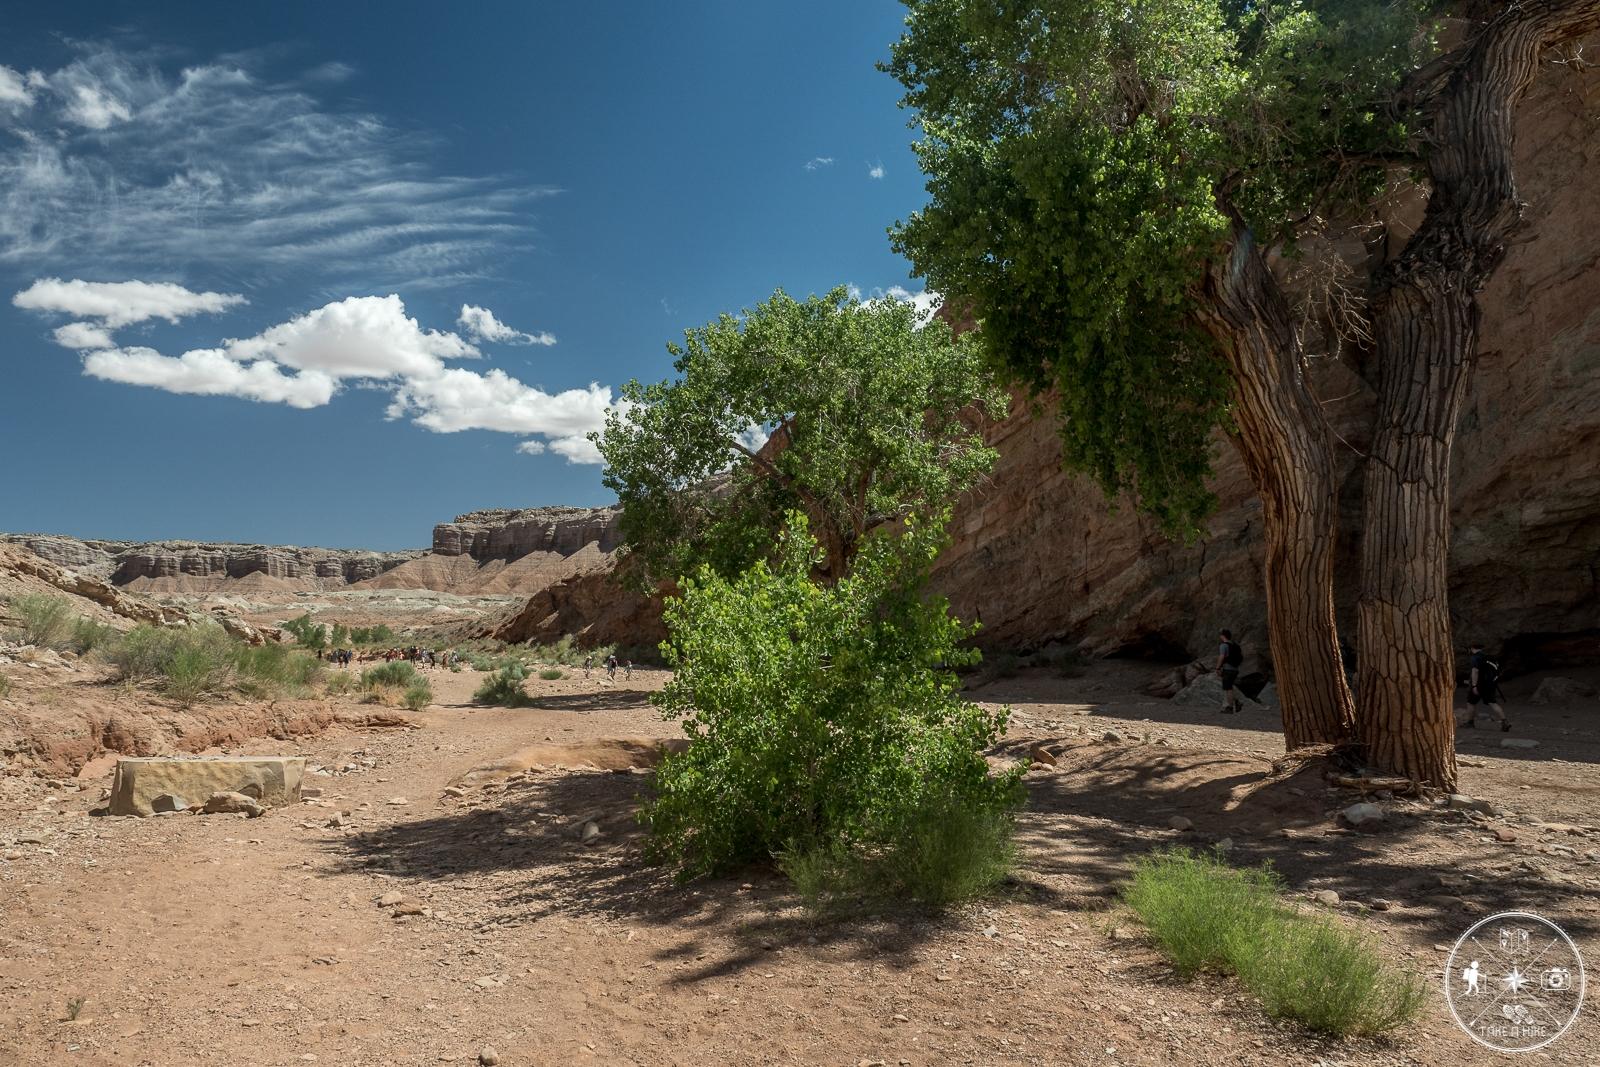 Little Wild Horse Canyon - auf dem Weg zum Auto